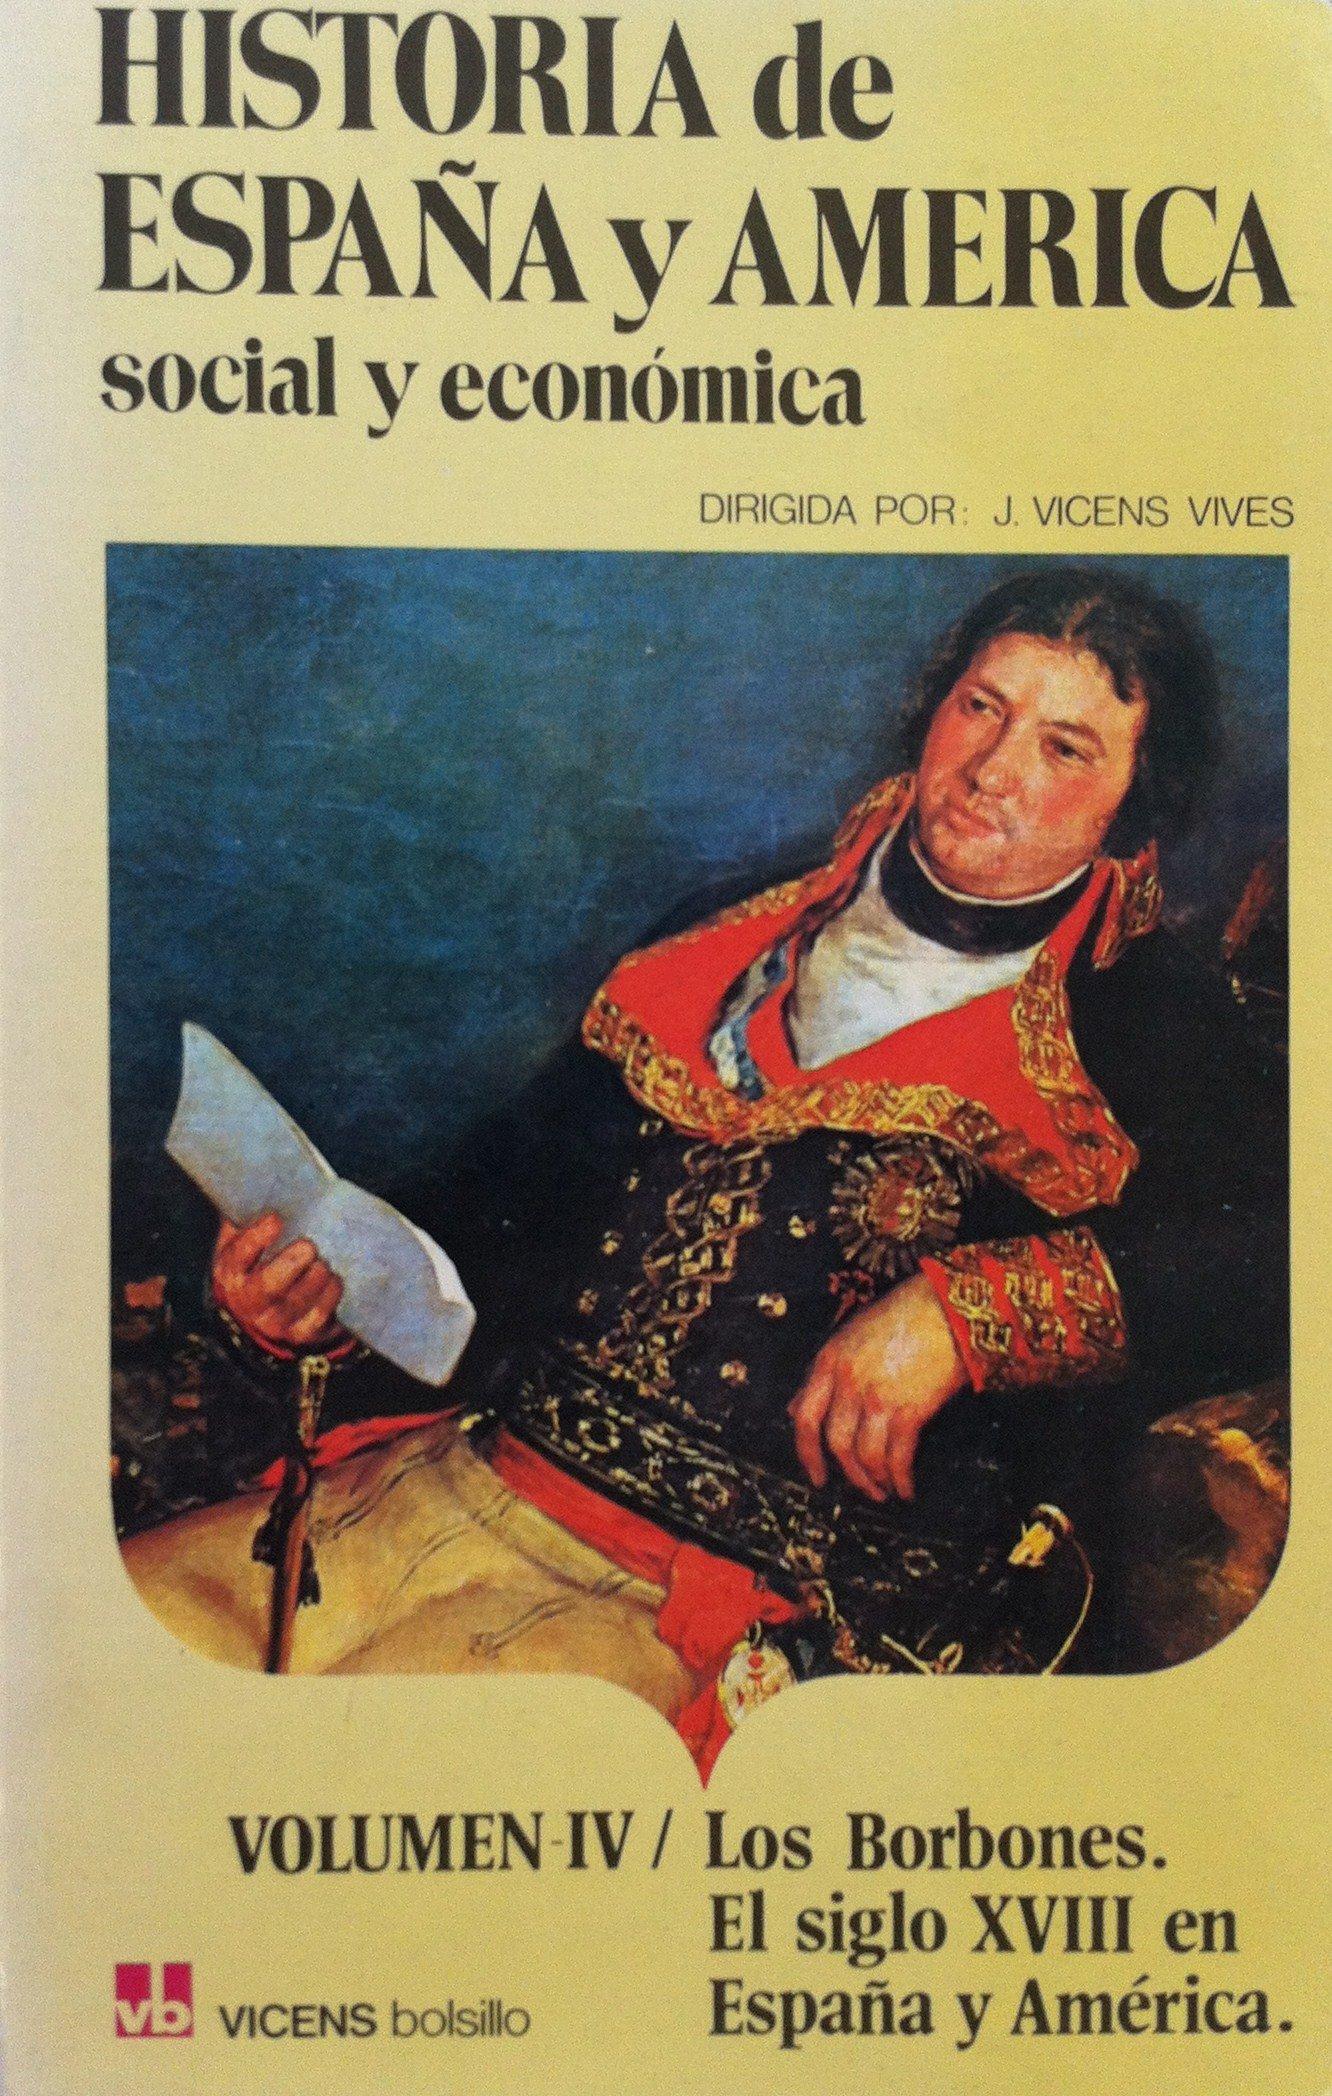 Historia de España y de América: Amazon.es: Pericot Garcia, Luis ... [et al.]: Libros